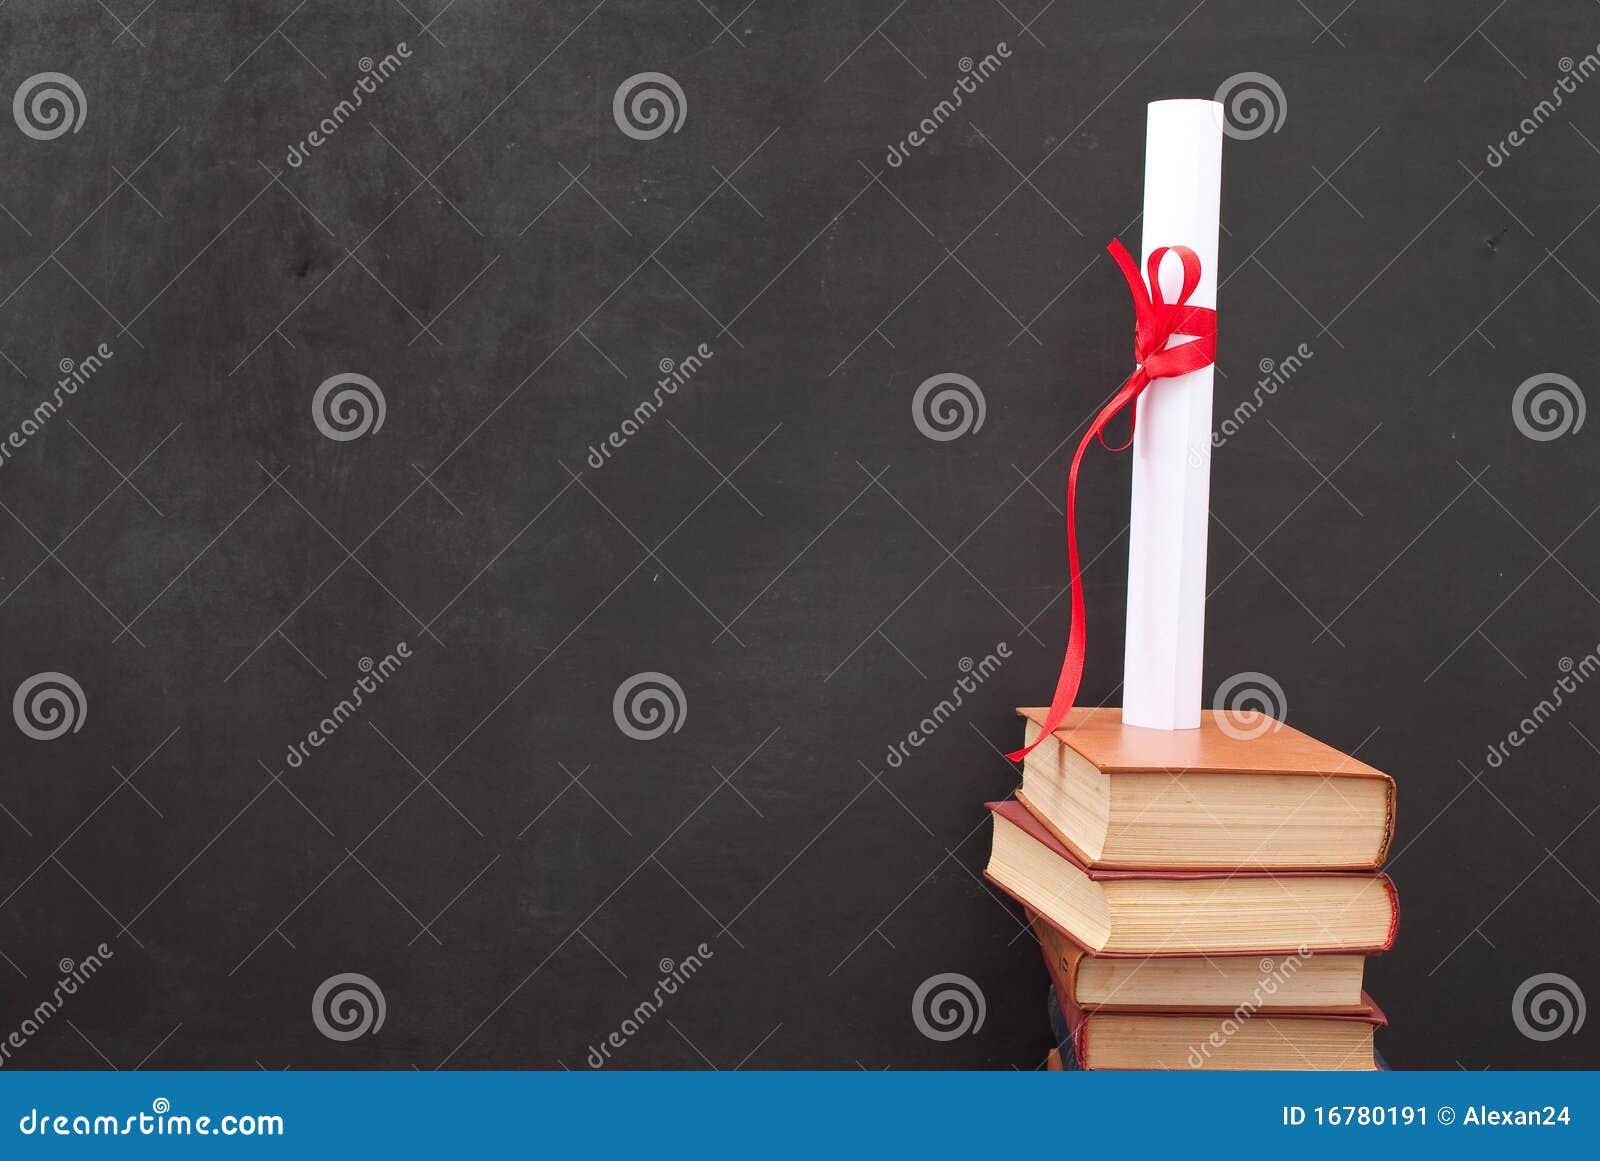 Pizarra con un diploma